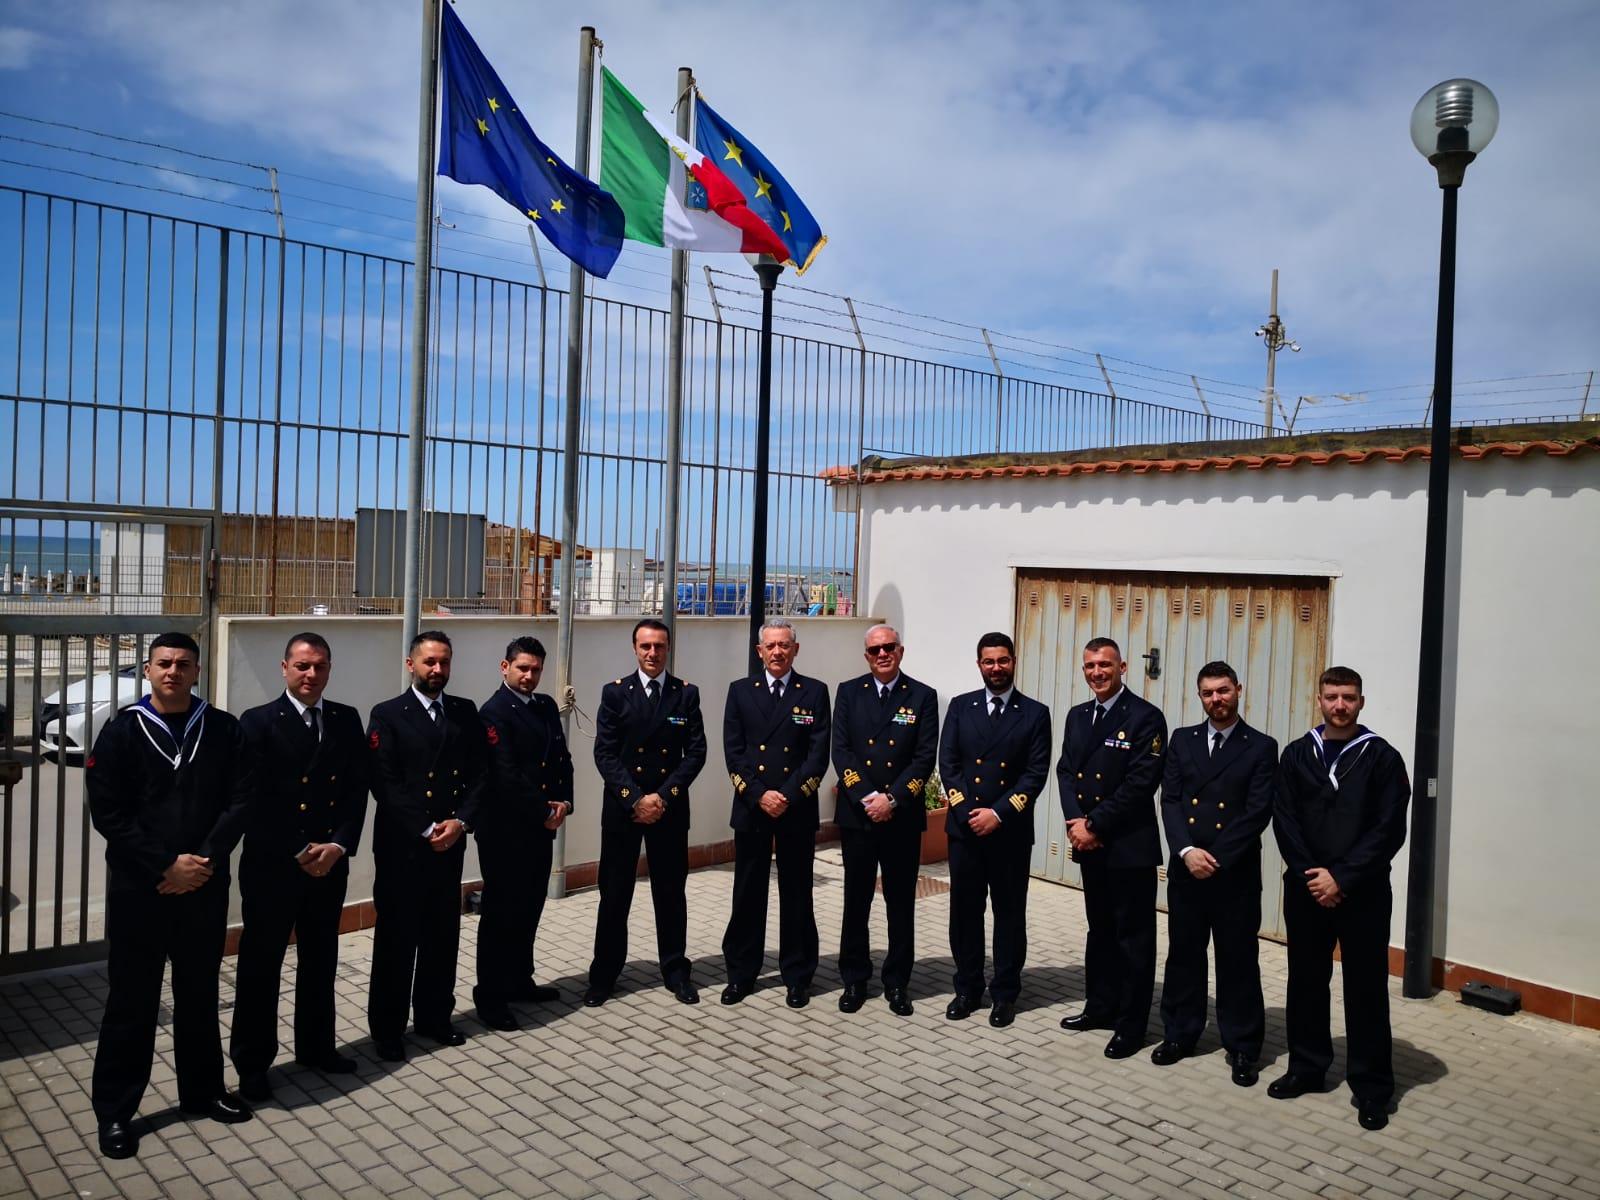 Il comandante generale della Capitaneria di porto in visita a Pozzuoli